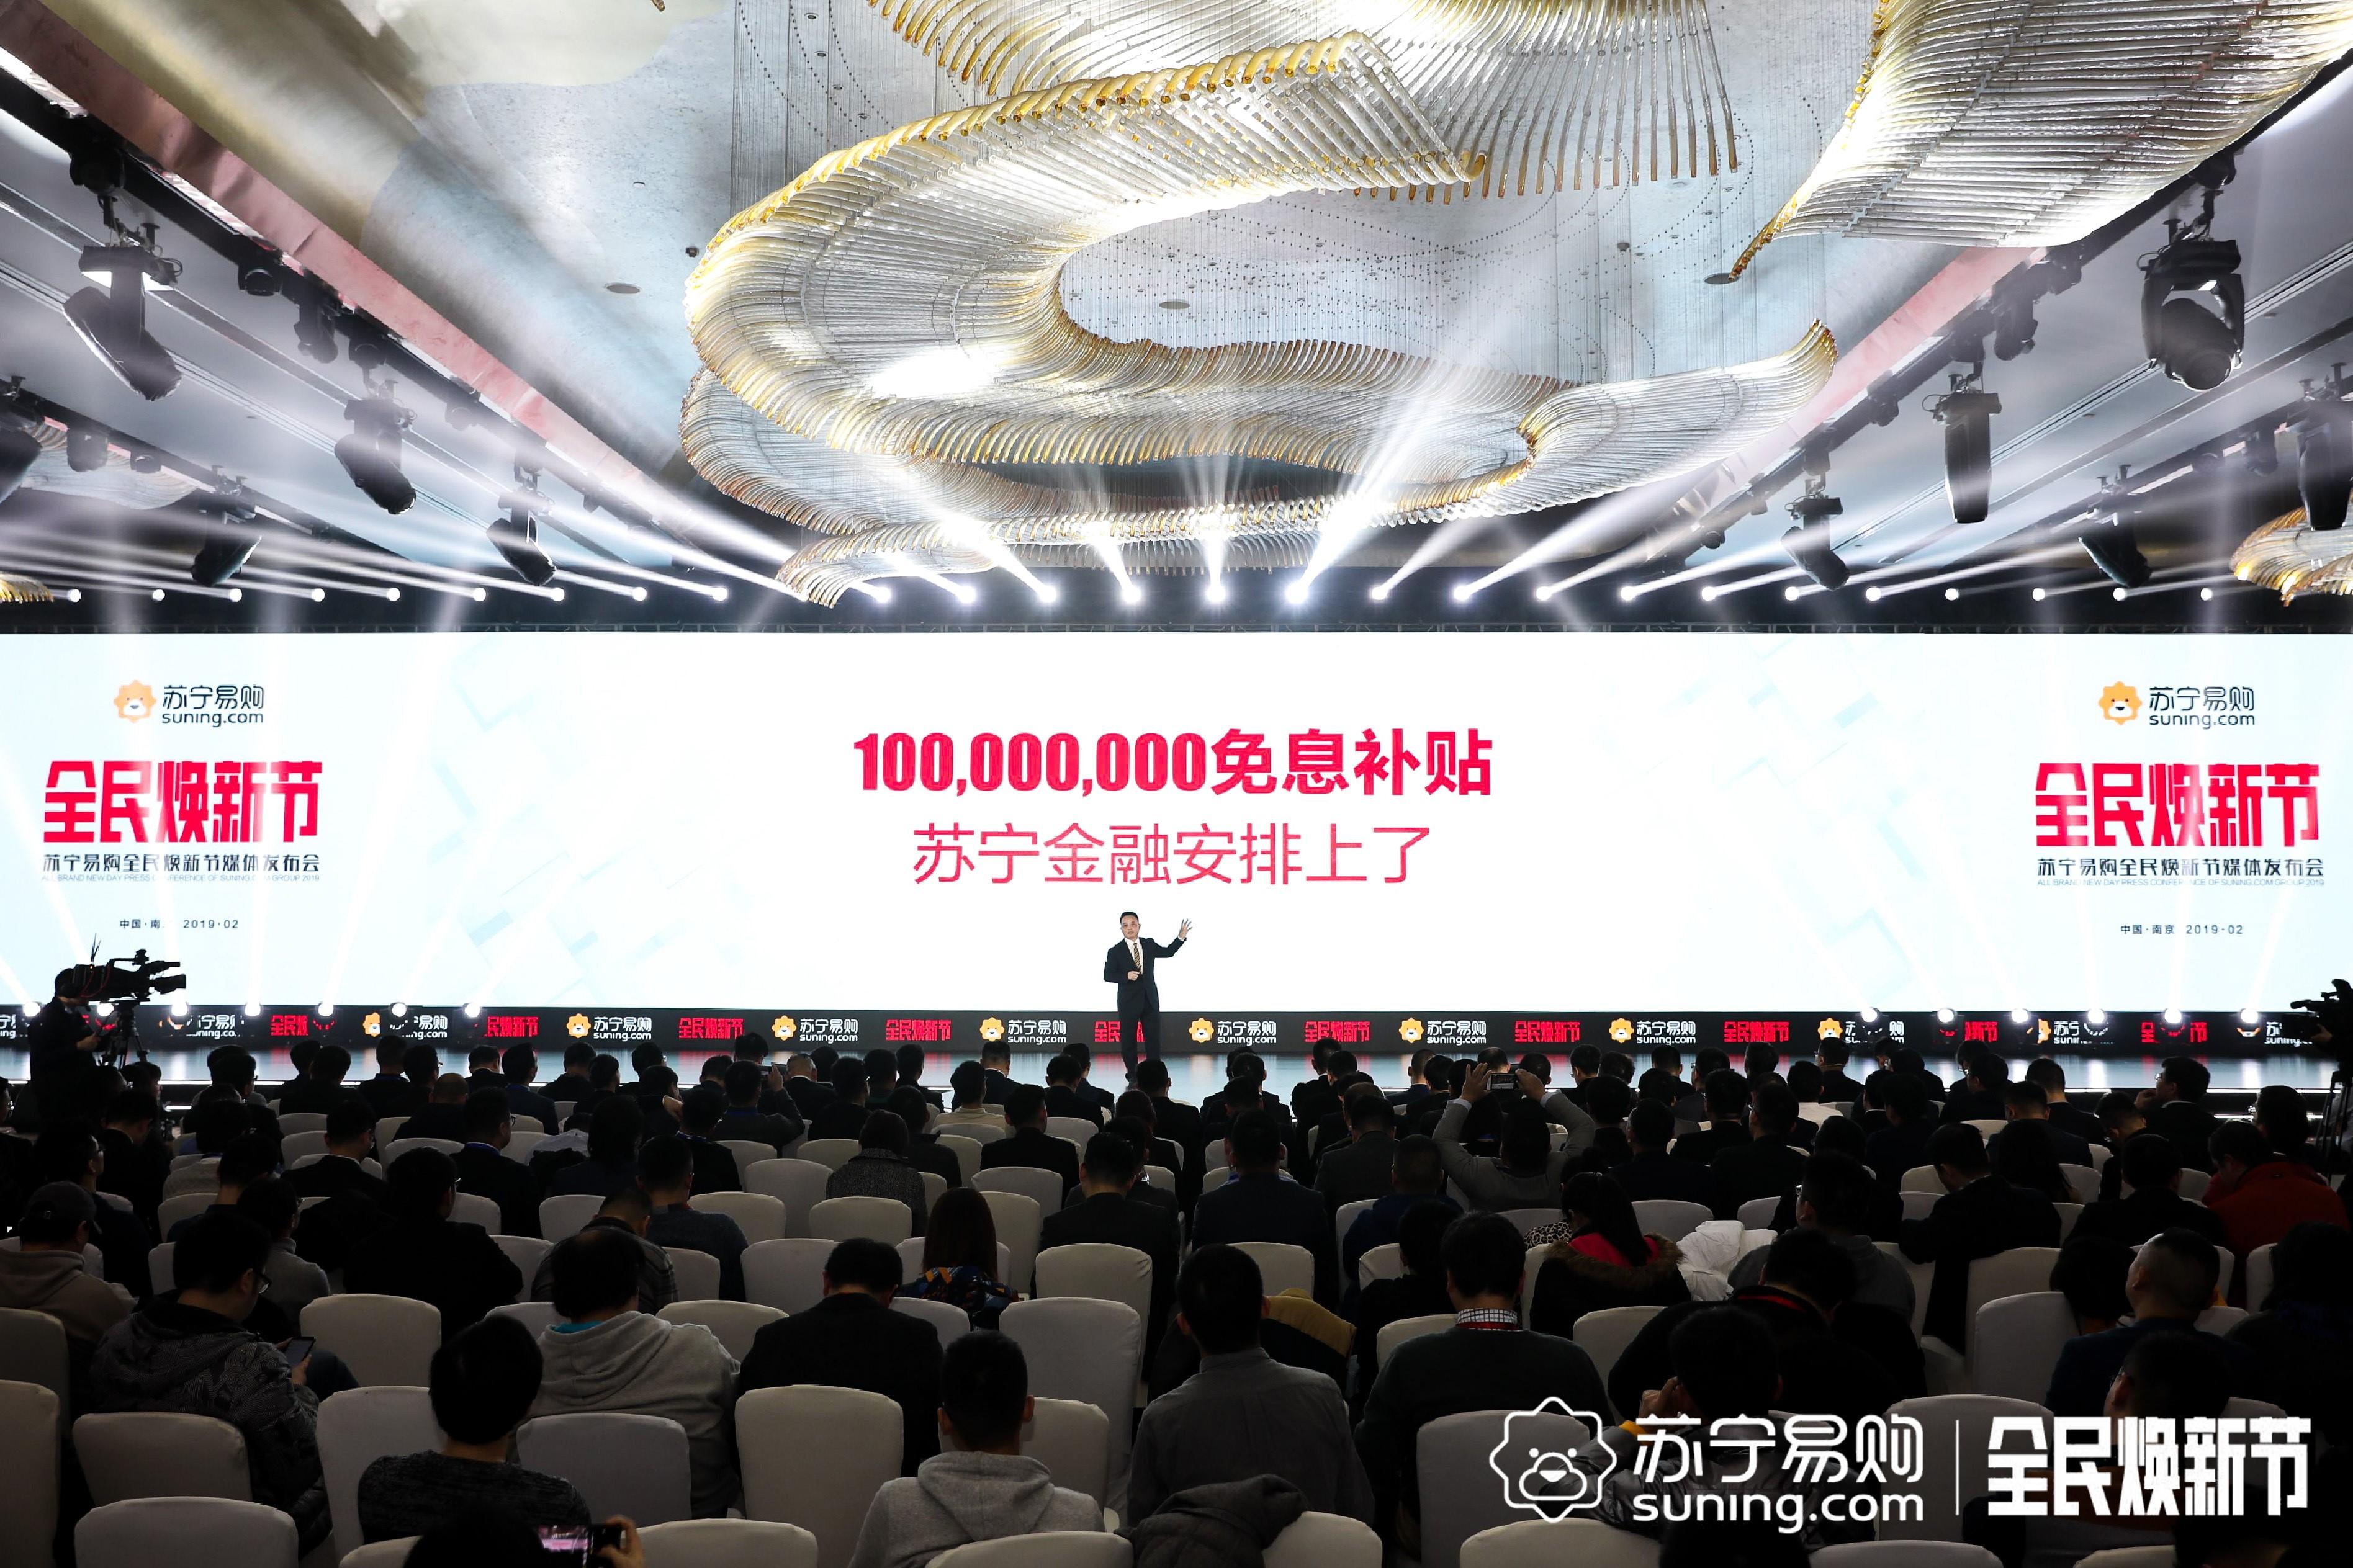 苏宁金融助力焕新大促活动:将发1亿免息补贴